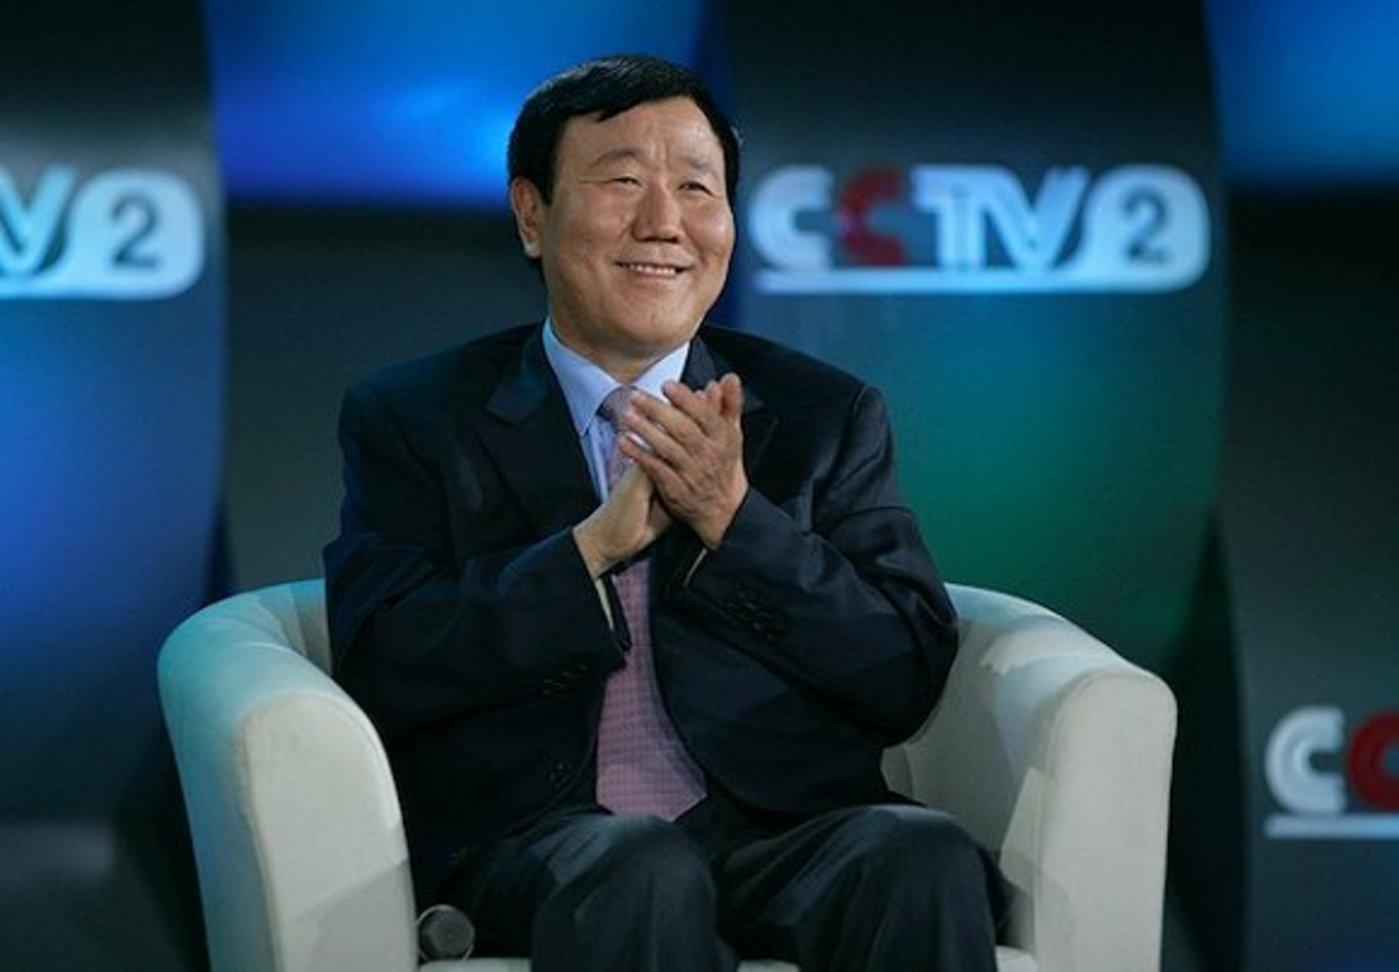 2012年8月,朱新礼在央视2套节目上